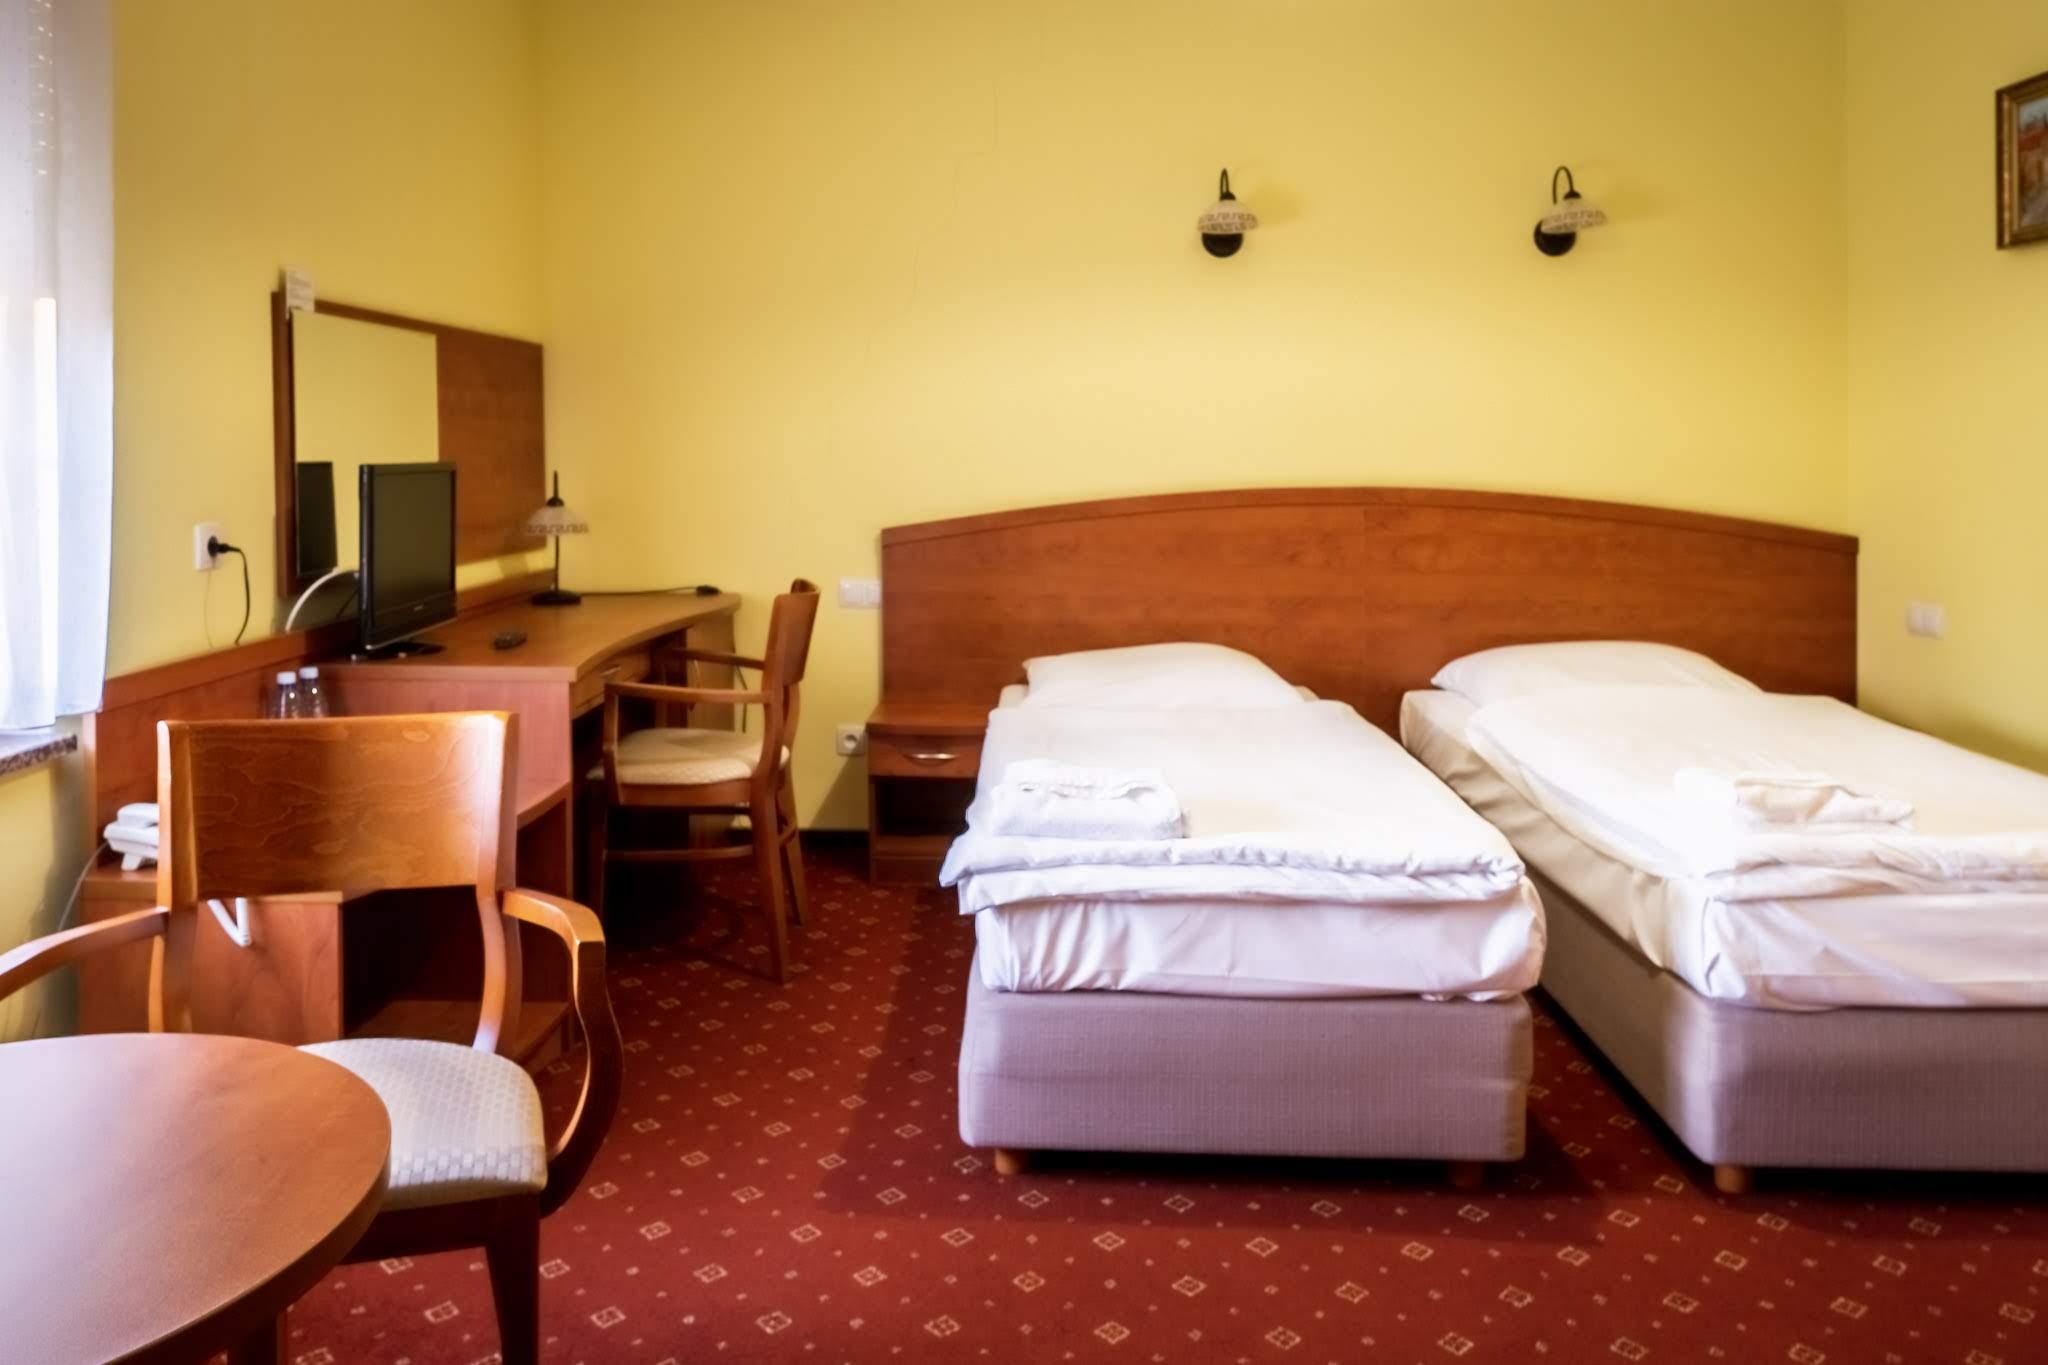 pokoje dla dwóch osób kostrzyn